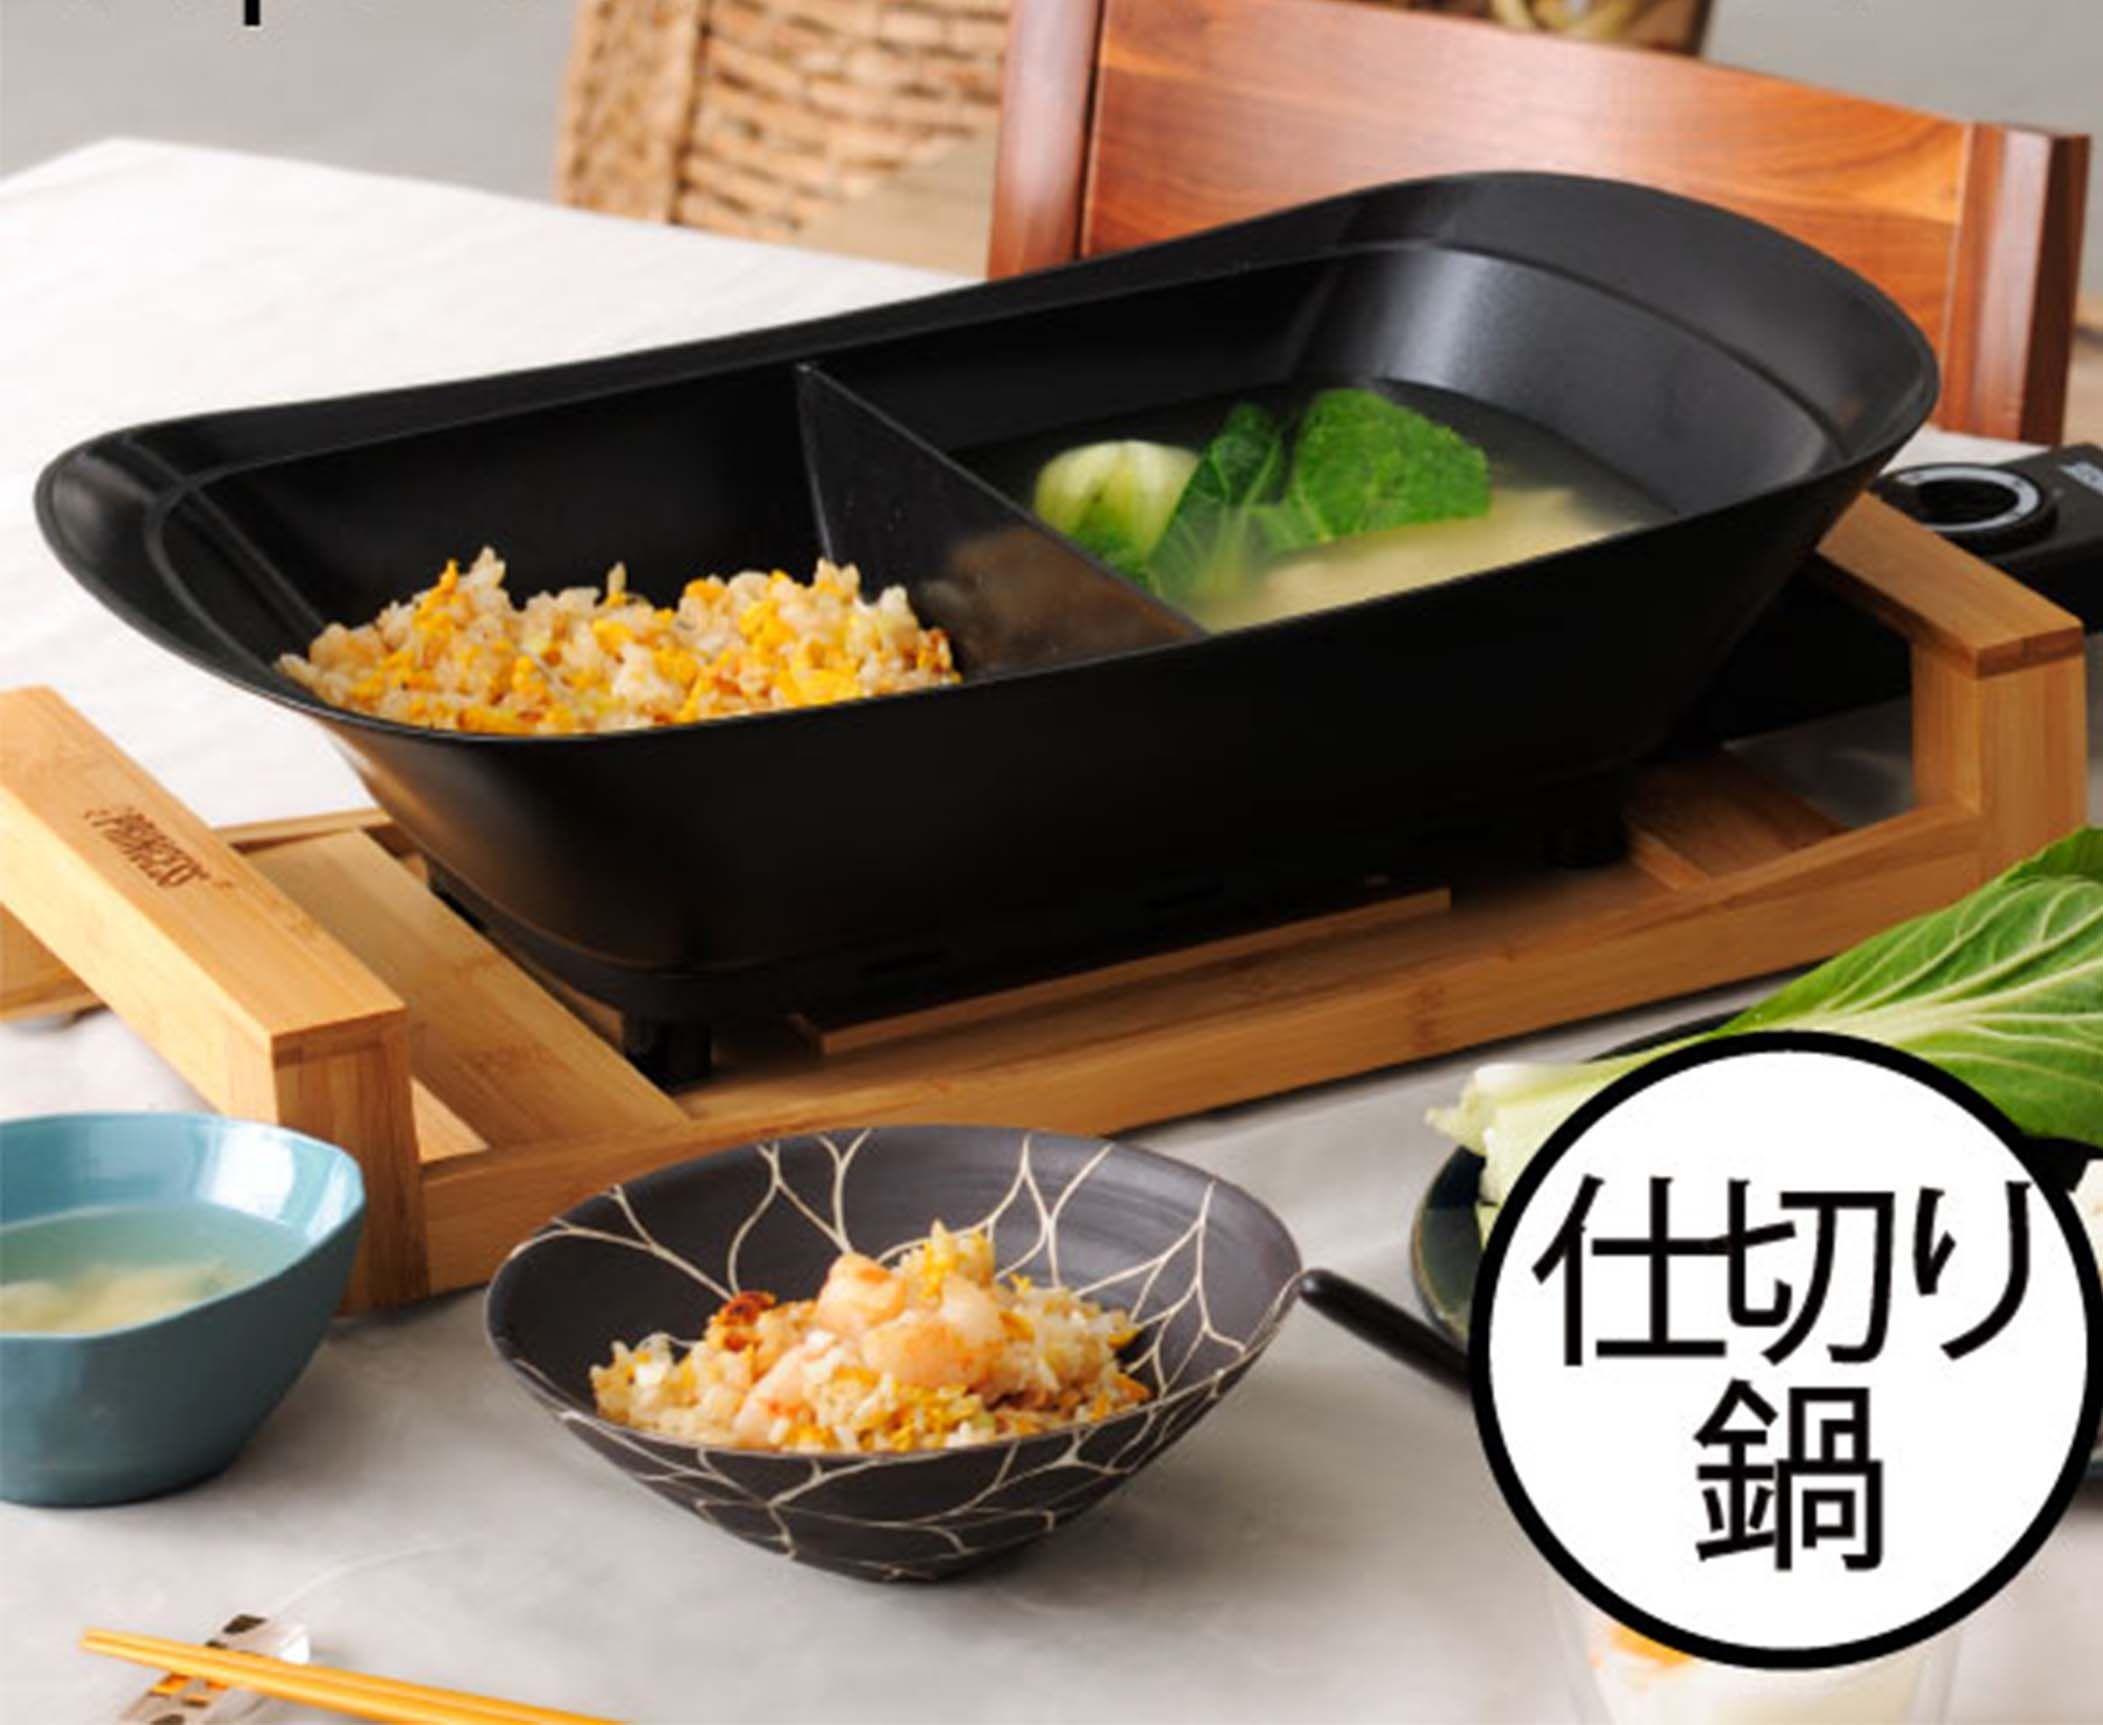 好みに合わせて 同時調理出来るホットプレート 調理 ホットプレート パーティー キッチン 家電